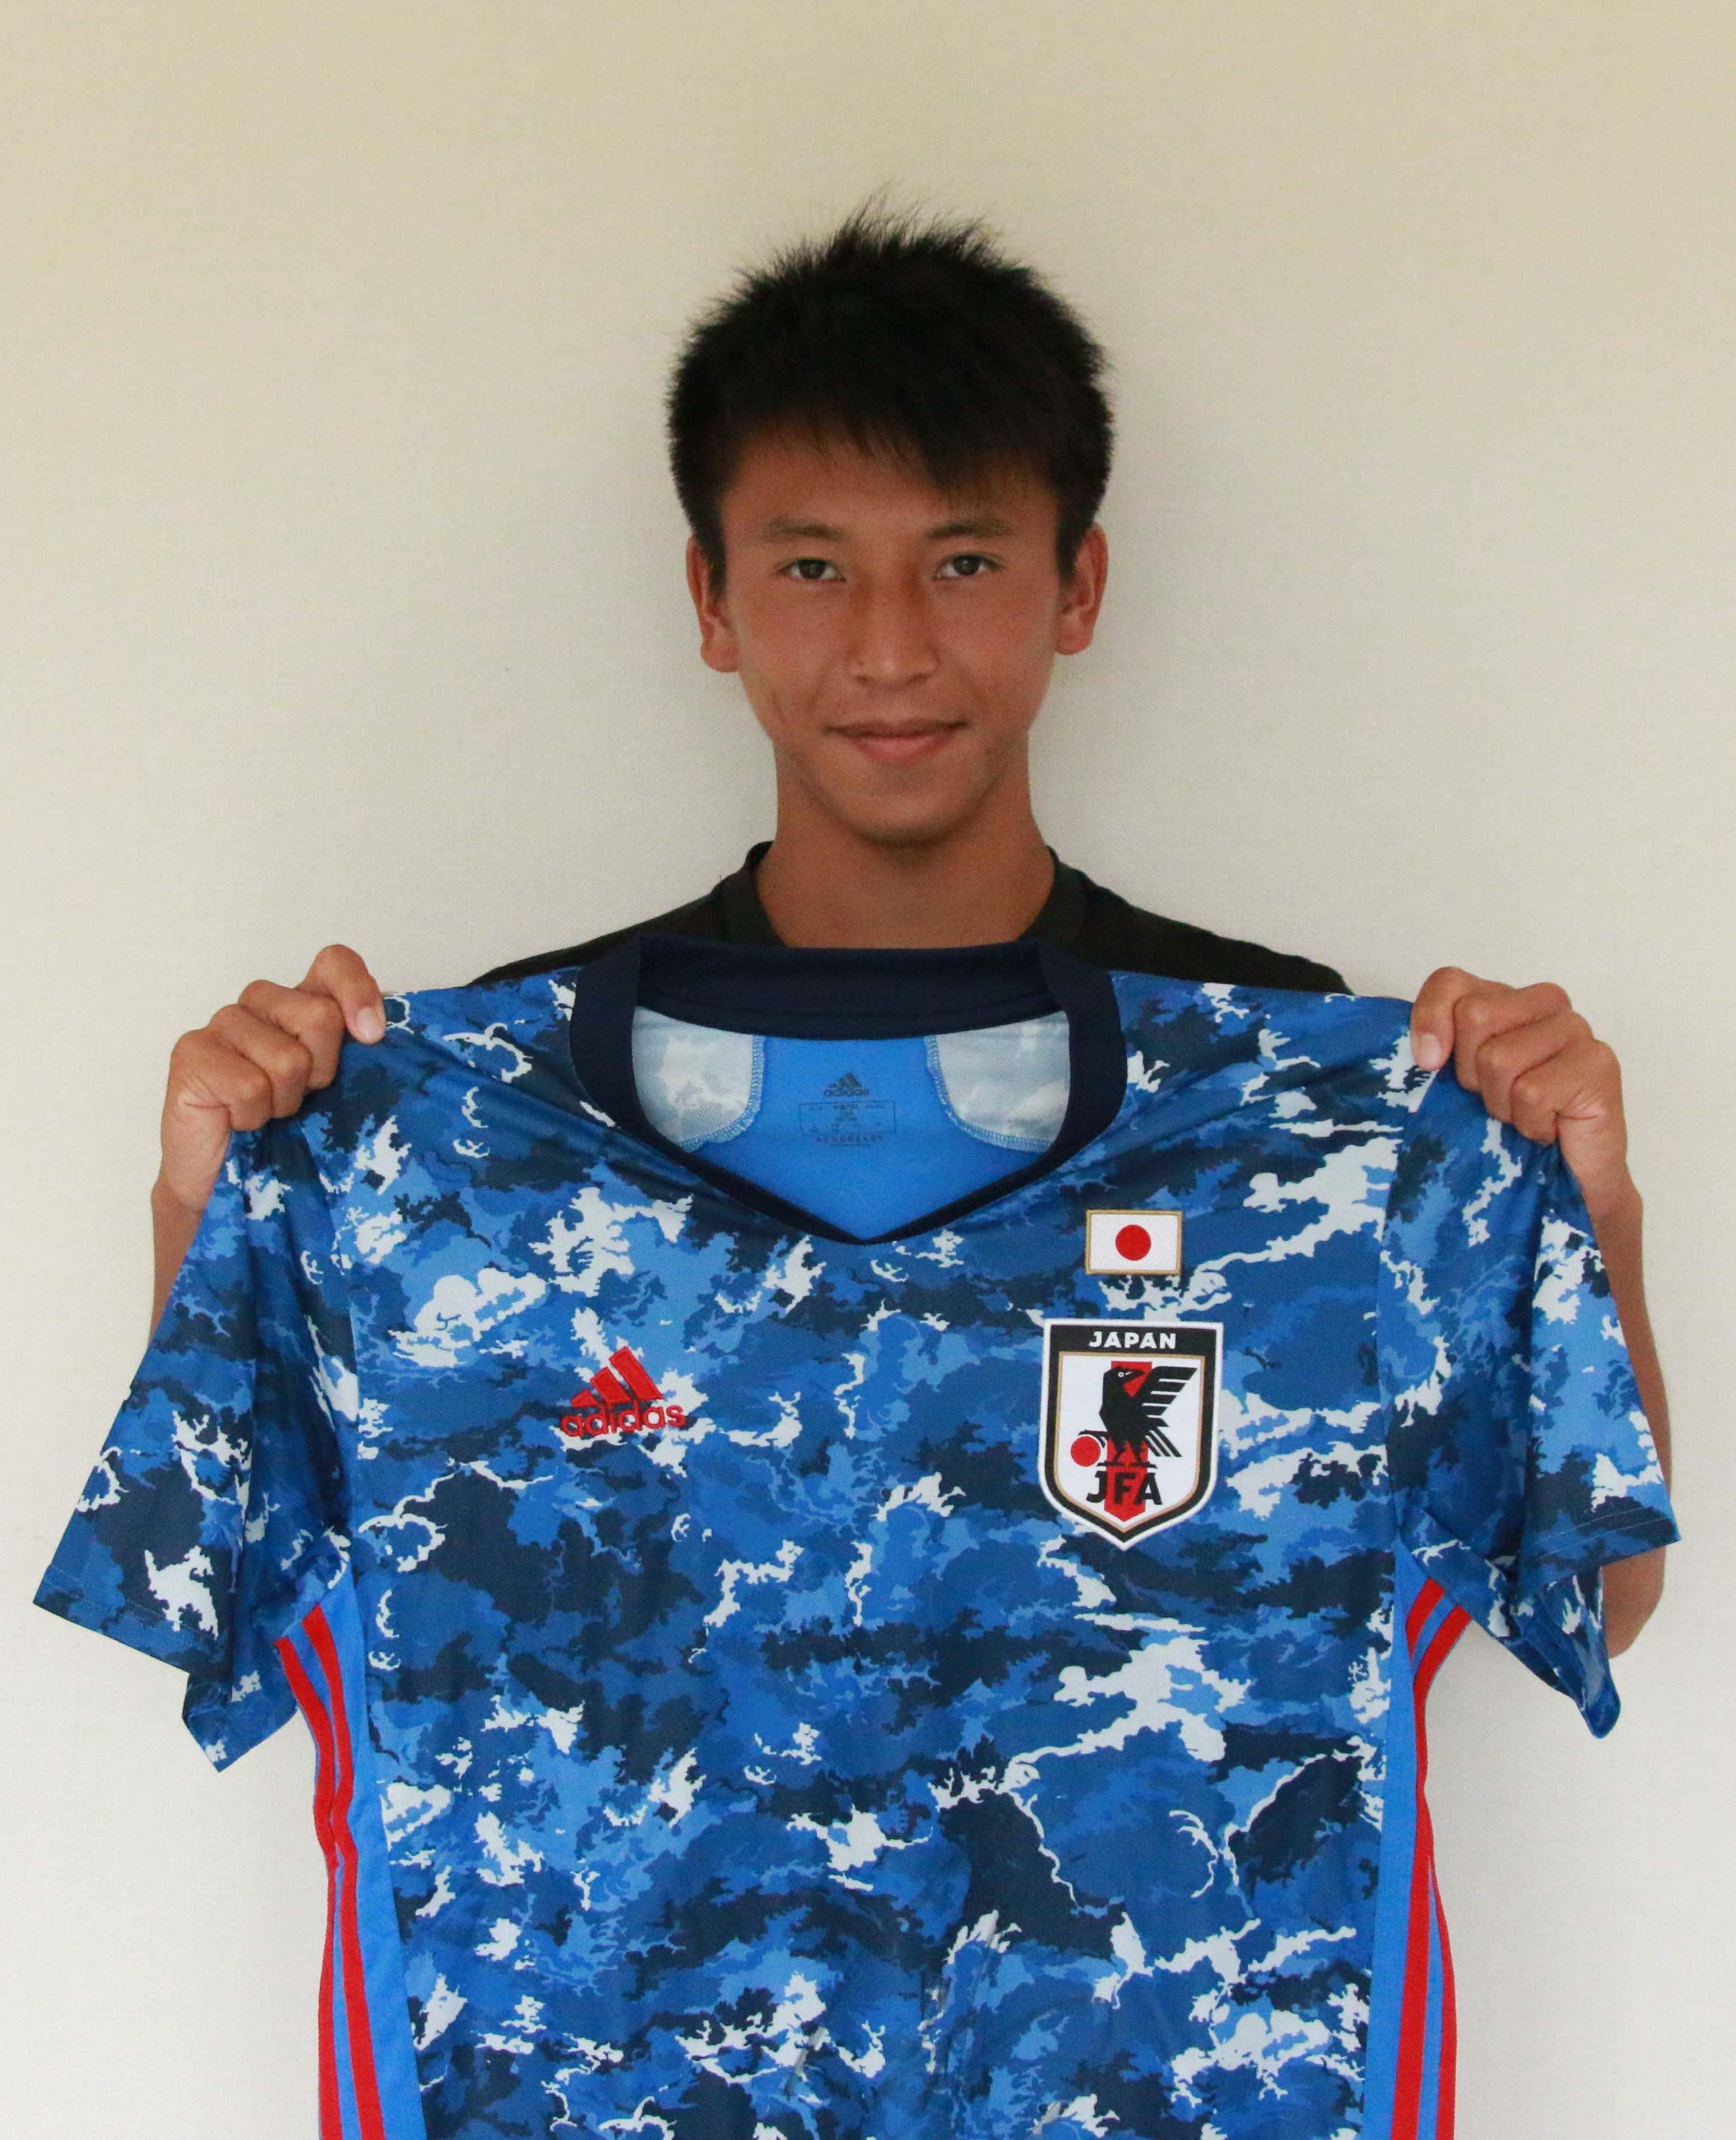 【直筆サイン入り公式】U-23日本代表 松岡 大起 選手(サガン鳥栖)